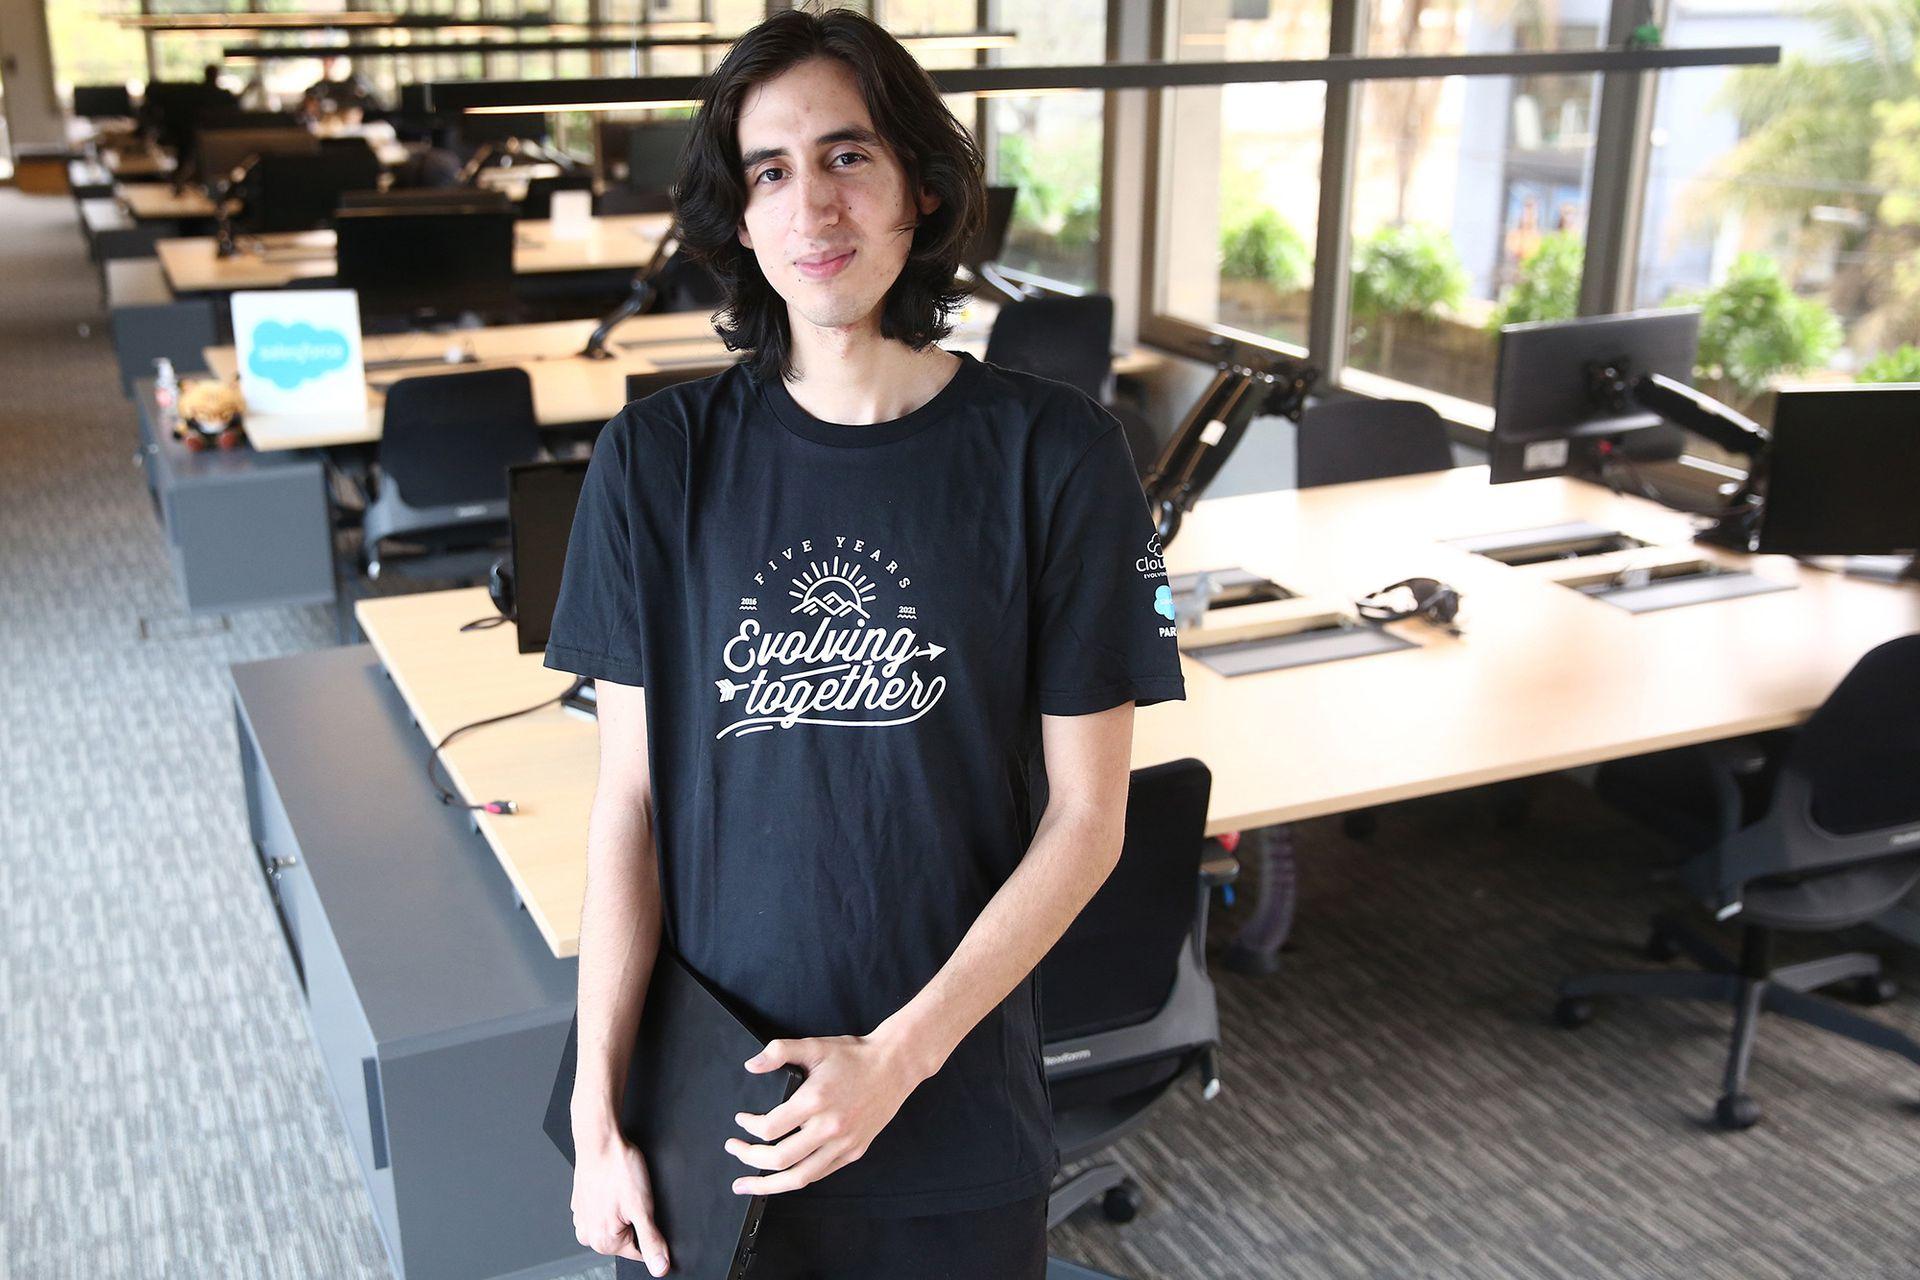 Leo Campoy, de 22 años, hizo un bootcamp y consiguió trabajo en CloudGaia, empresa de software argentina.